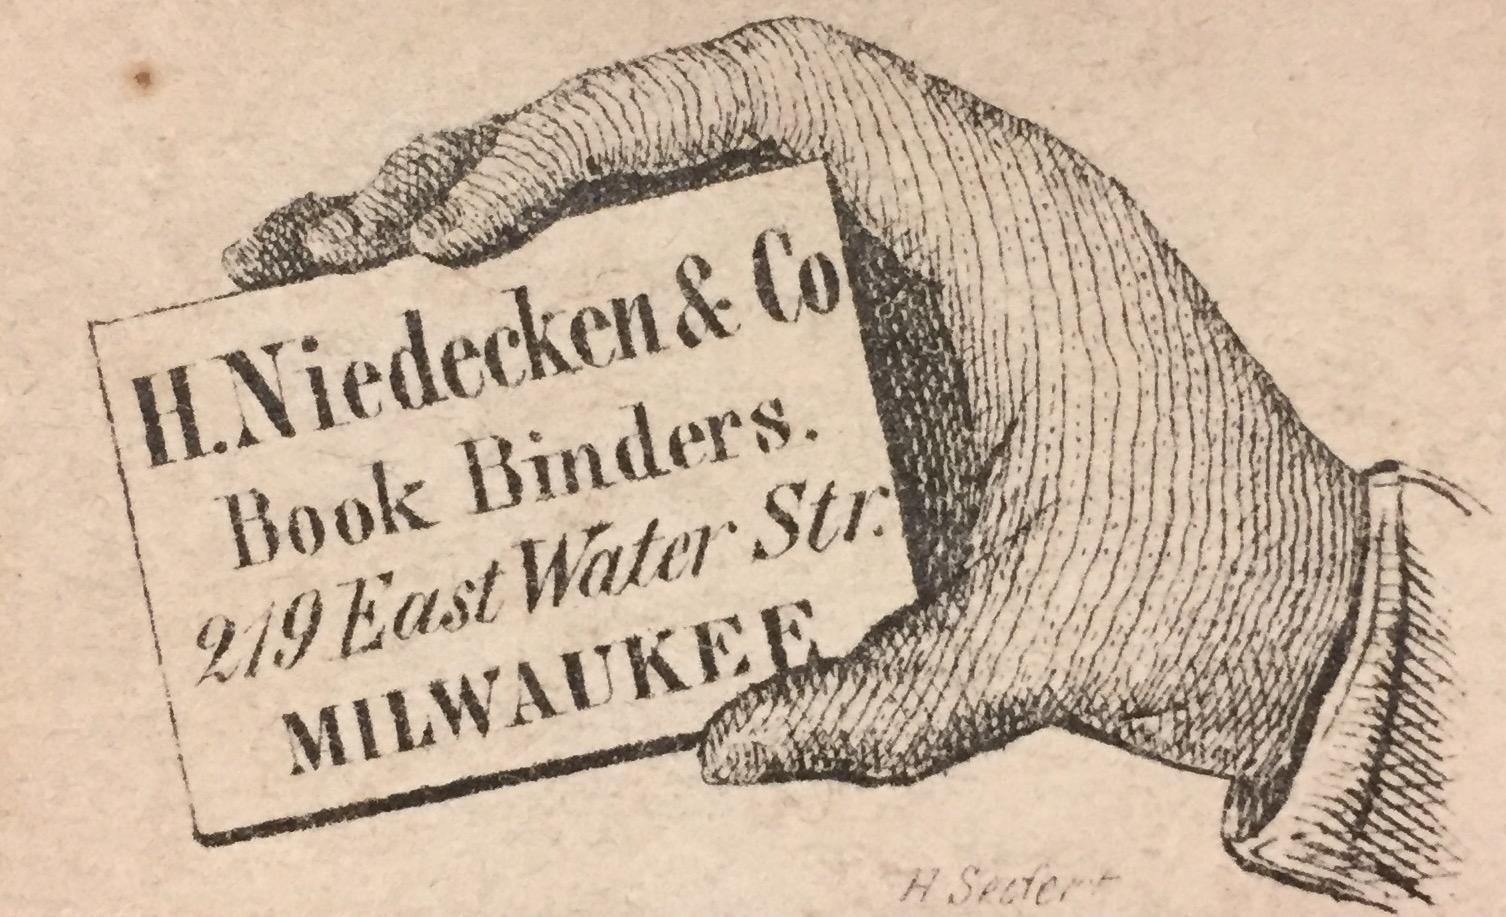 Niedecken bookbinder